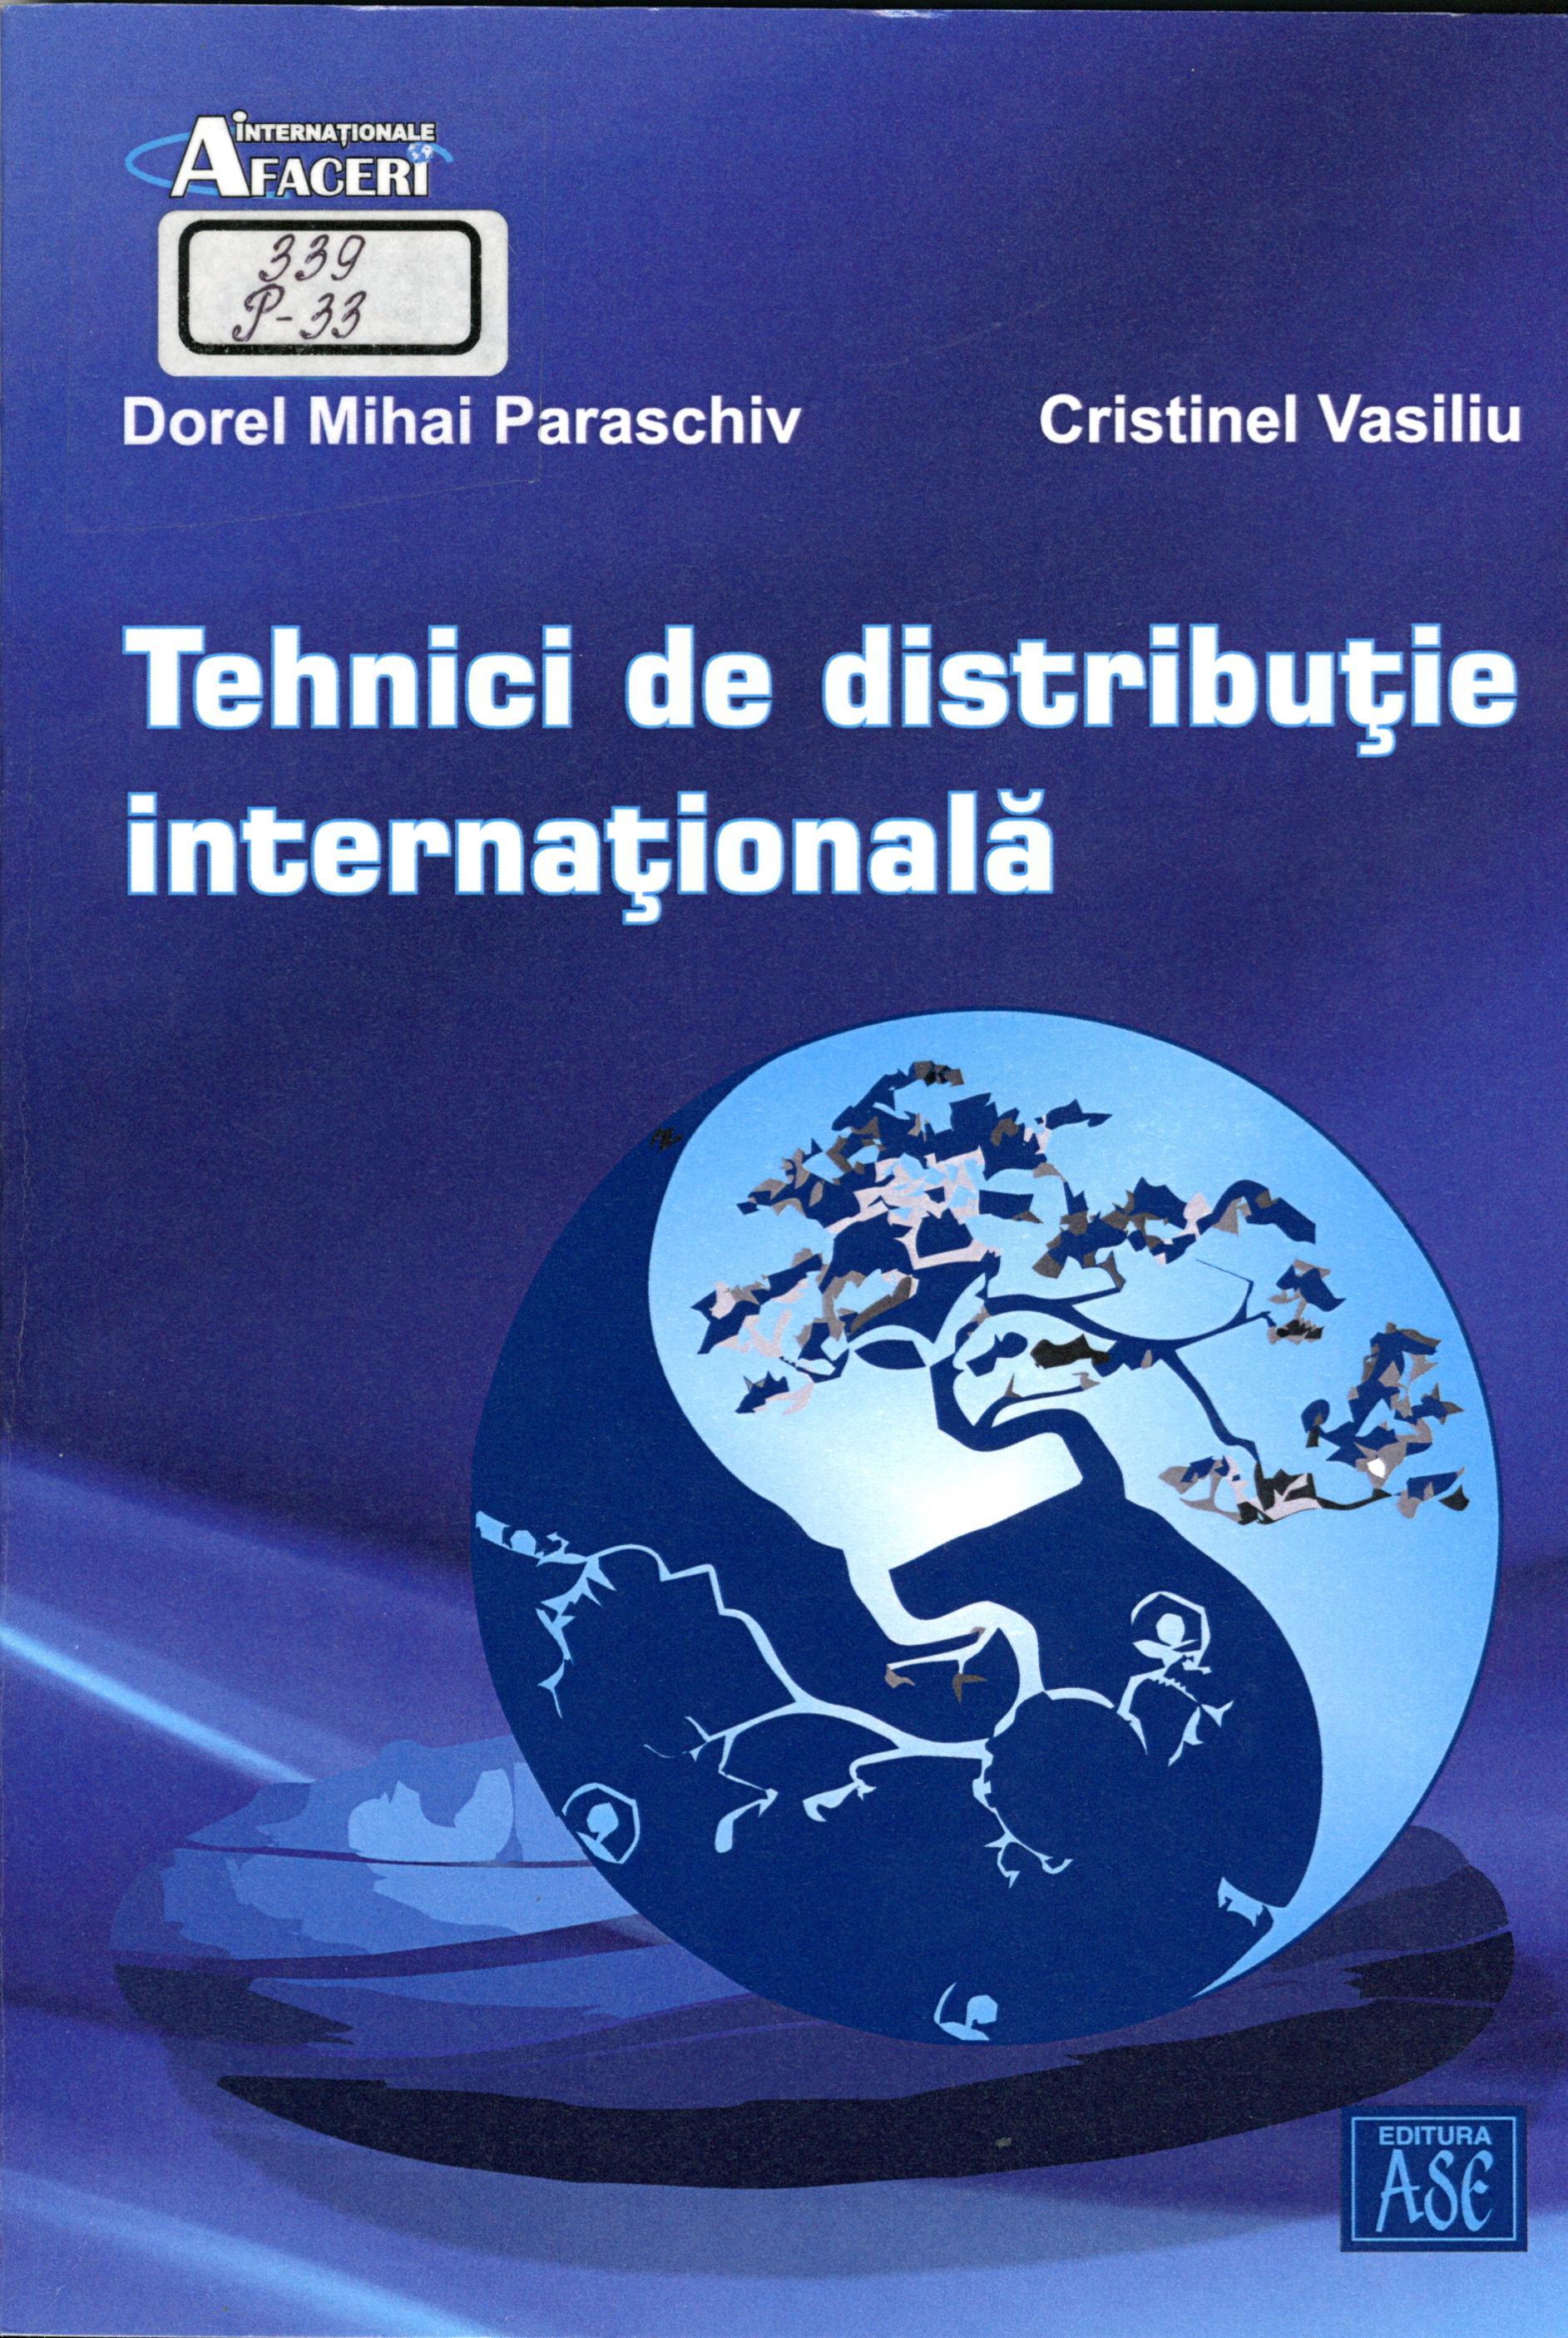 Tehnici de distribuție internațională